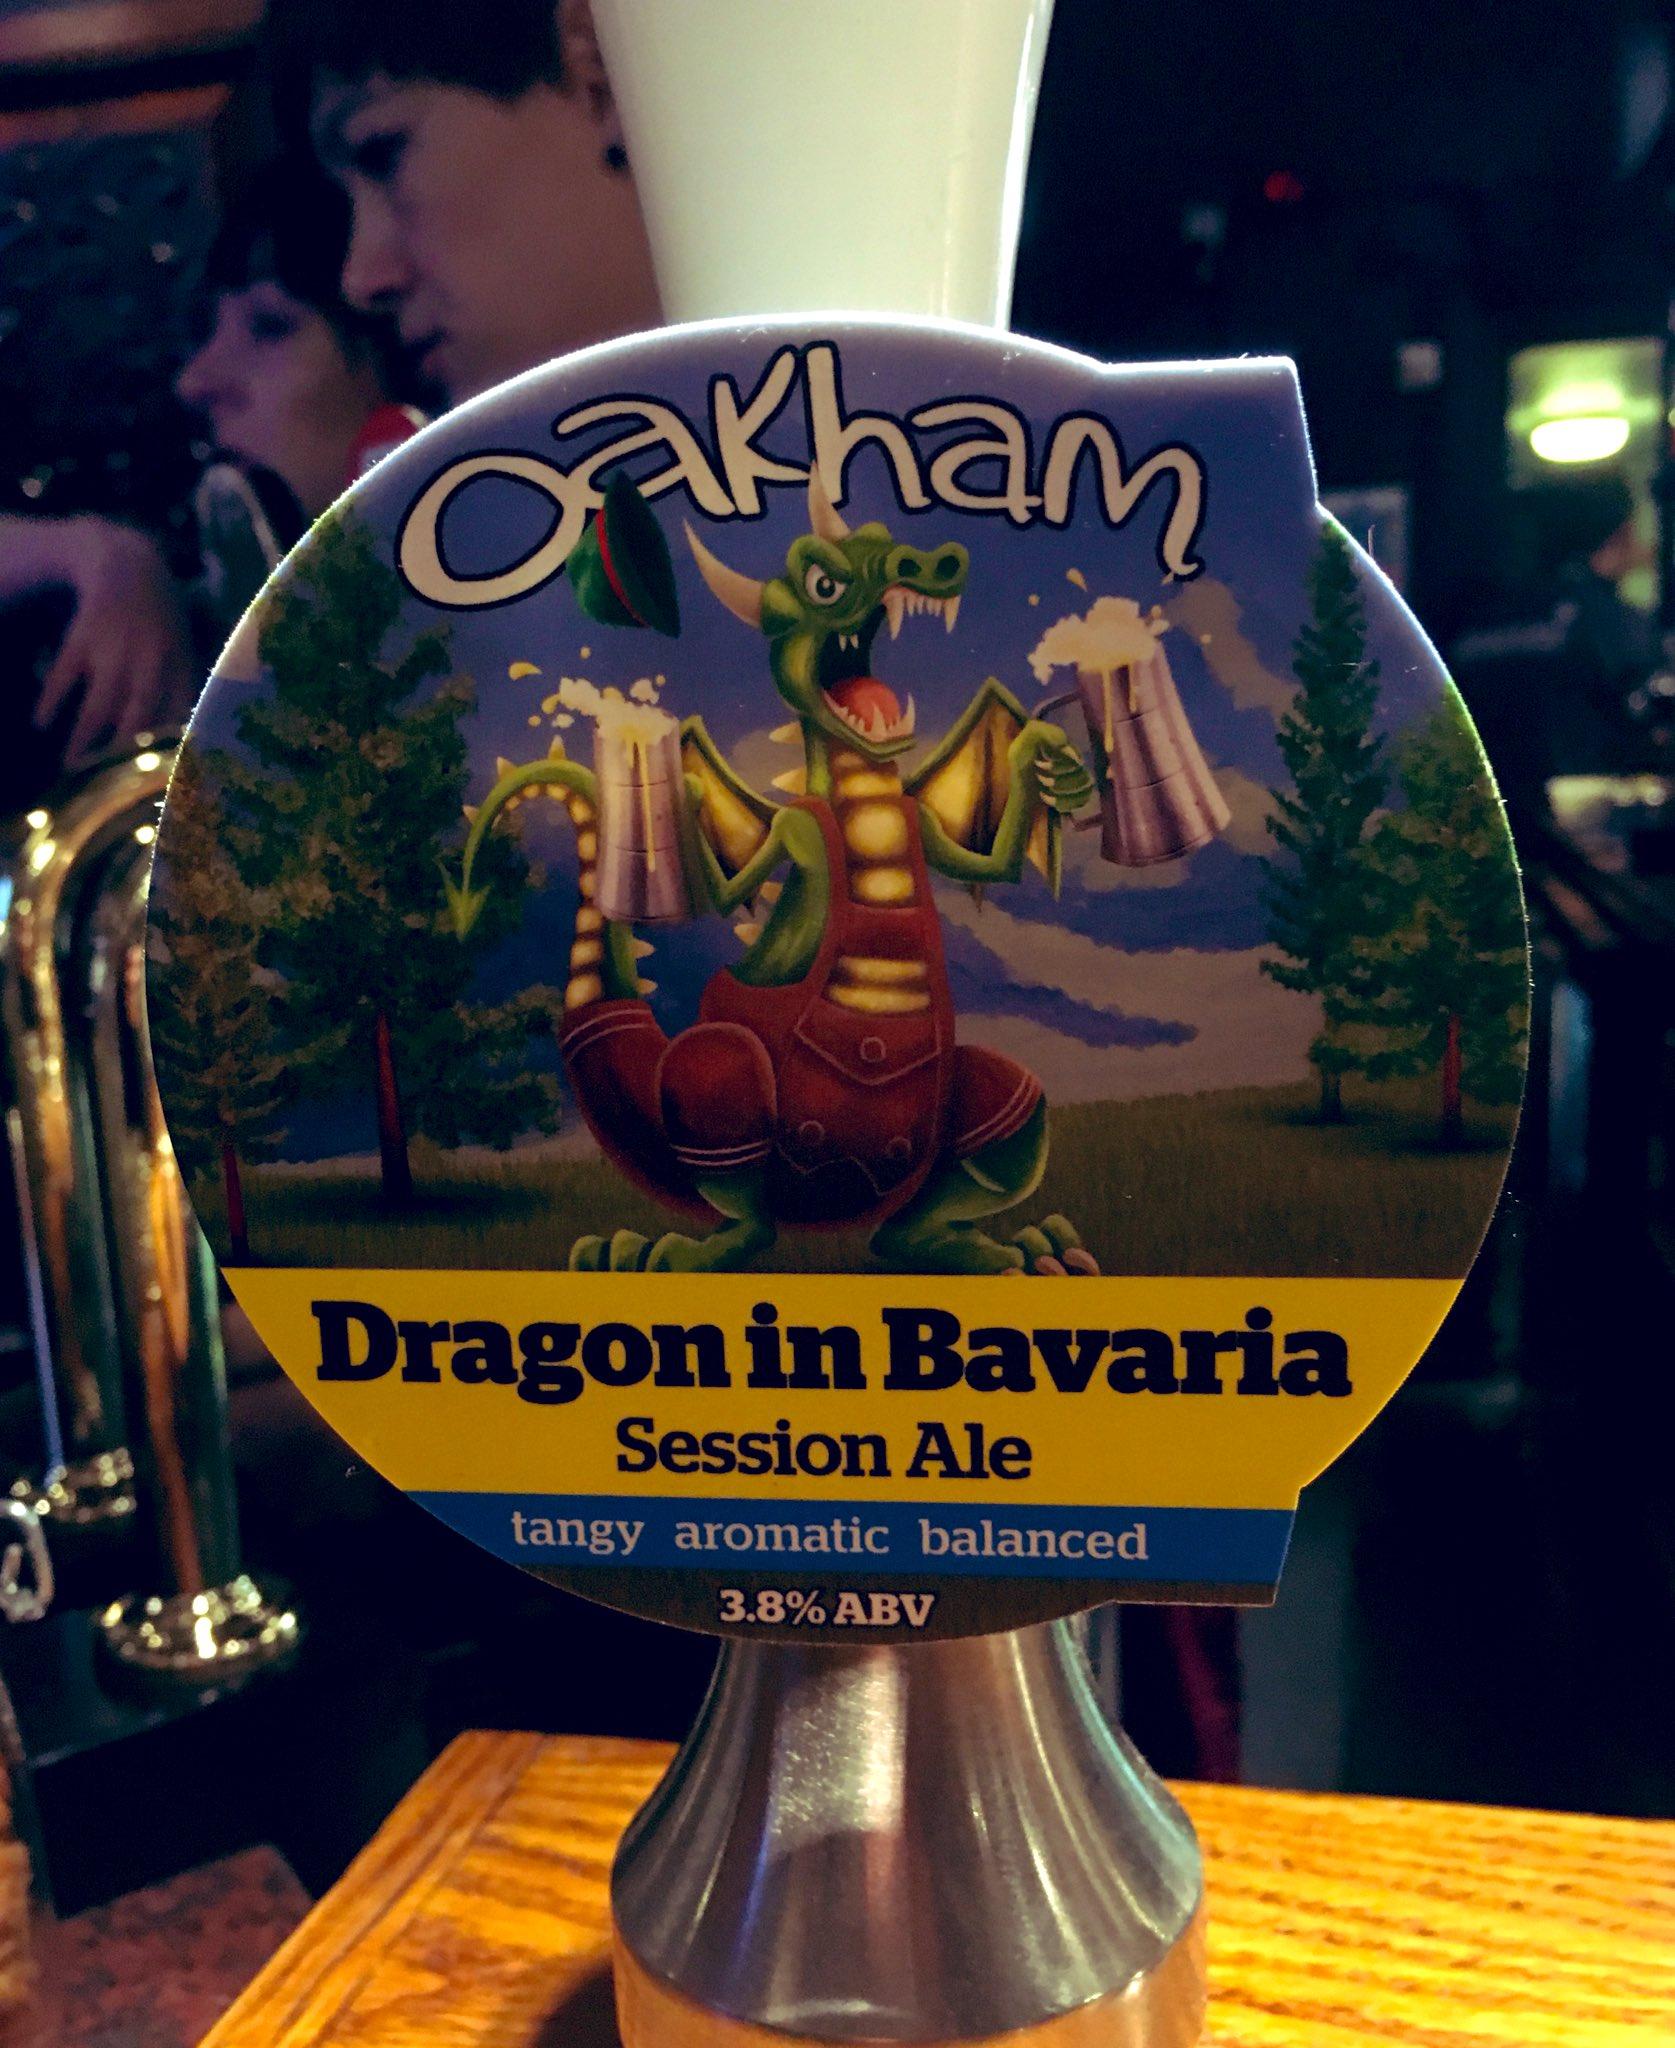 109: Dragon in Bavaria